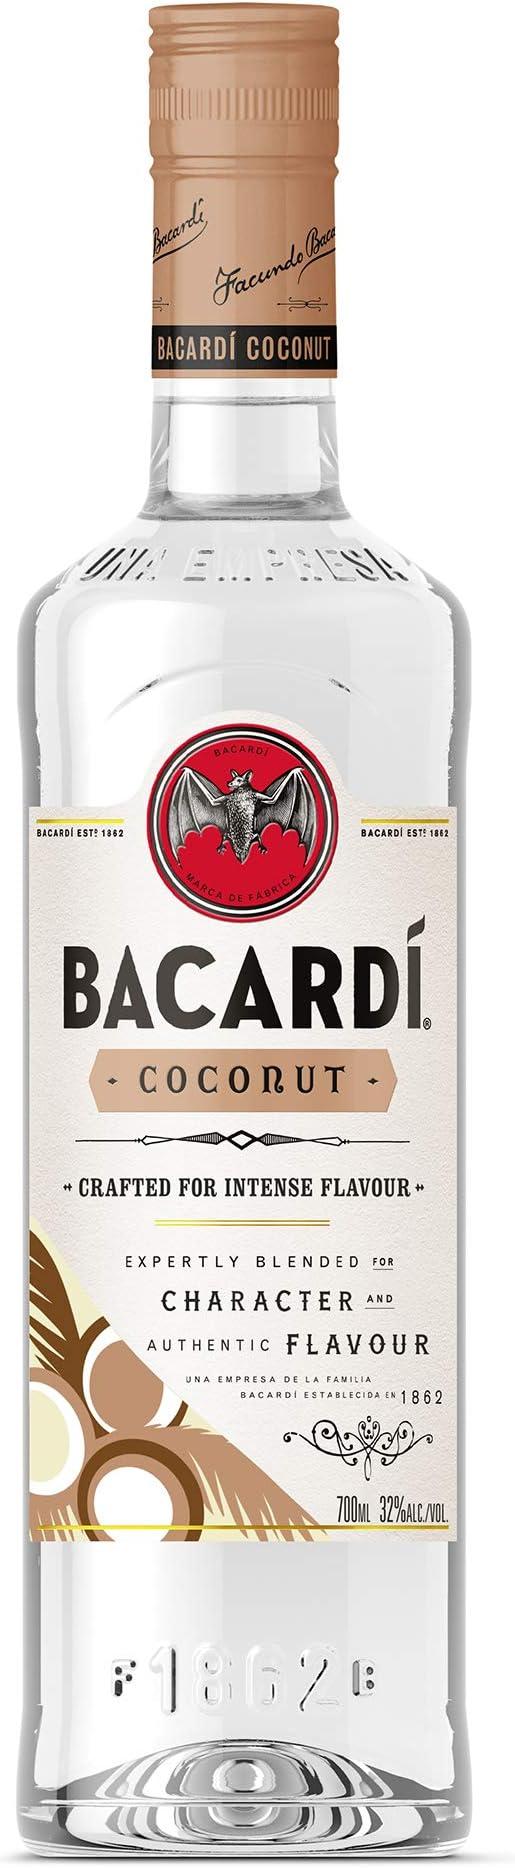 Bacardi Coconut Rum 1x70 Cl 32%: Amazon.es: Alimentación y ...